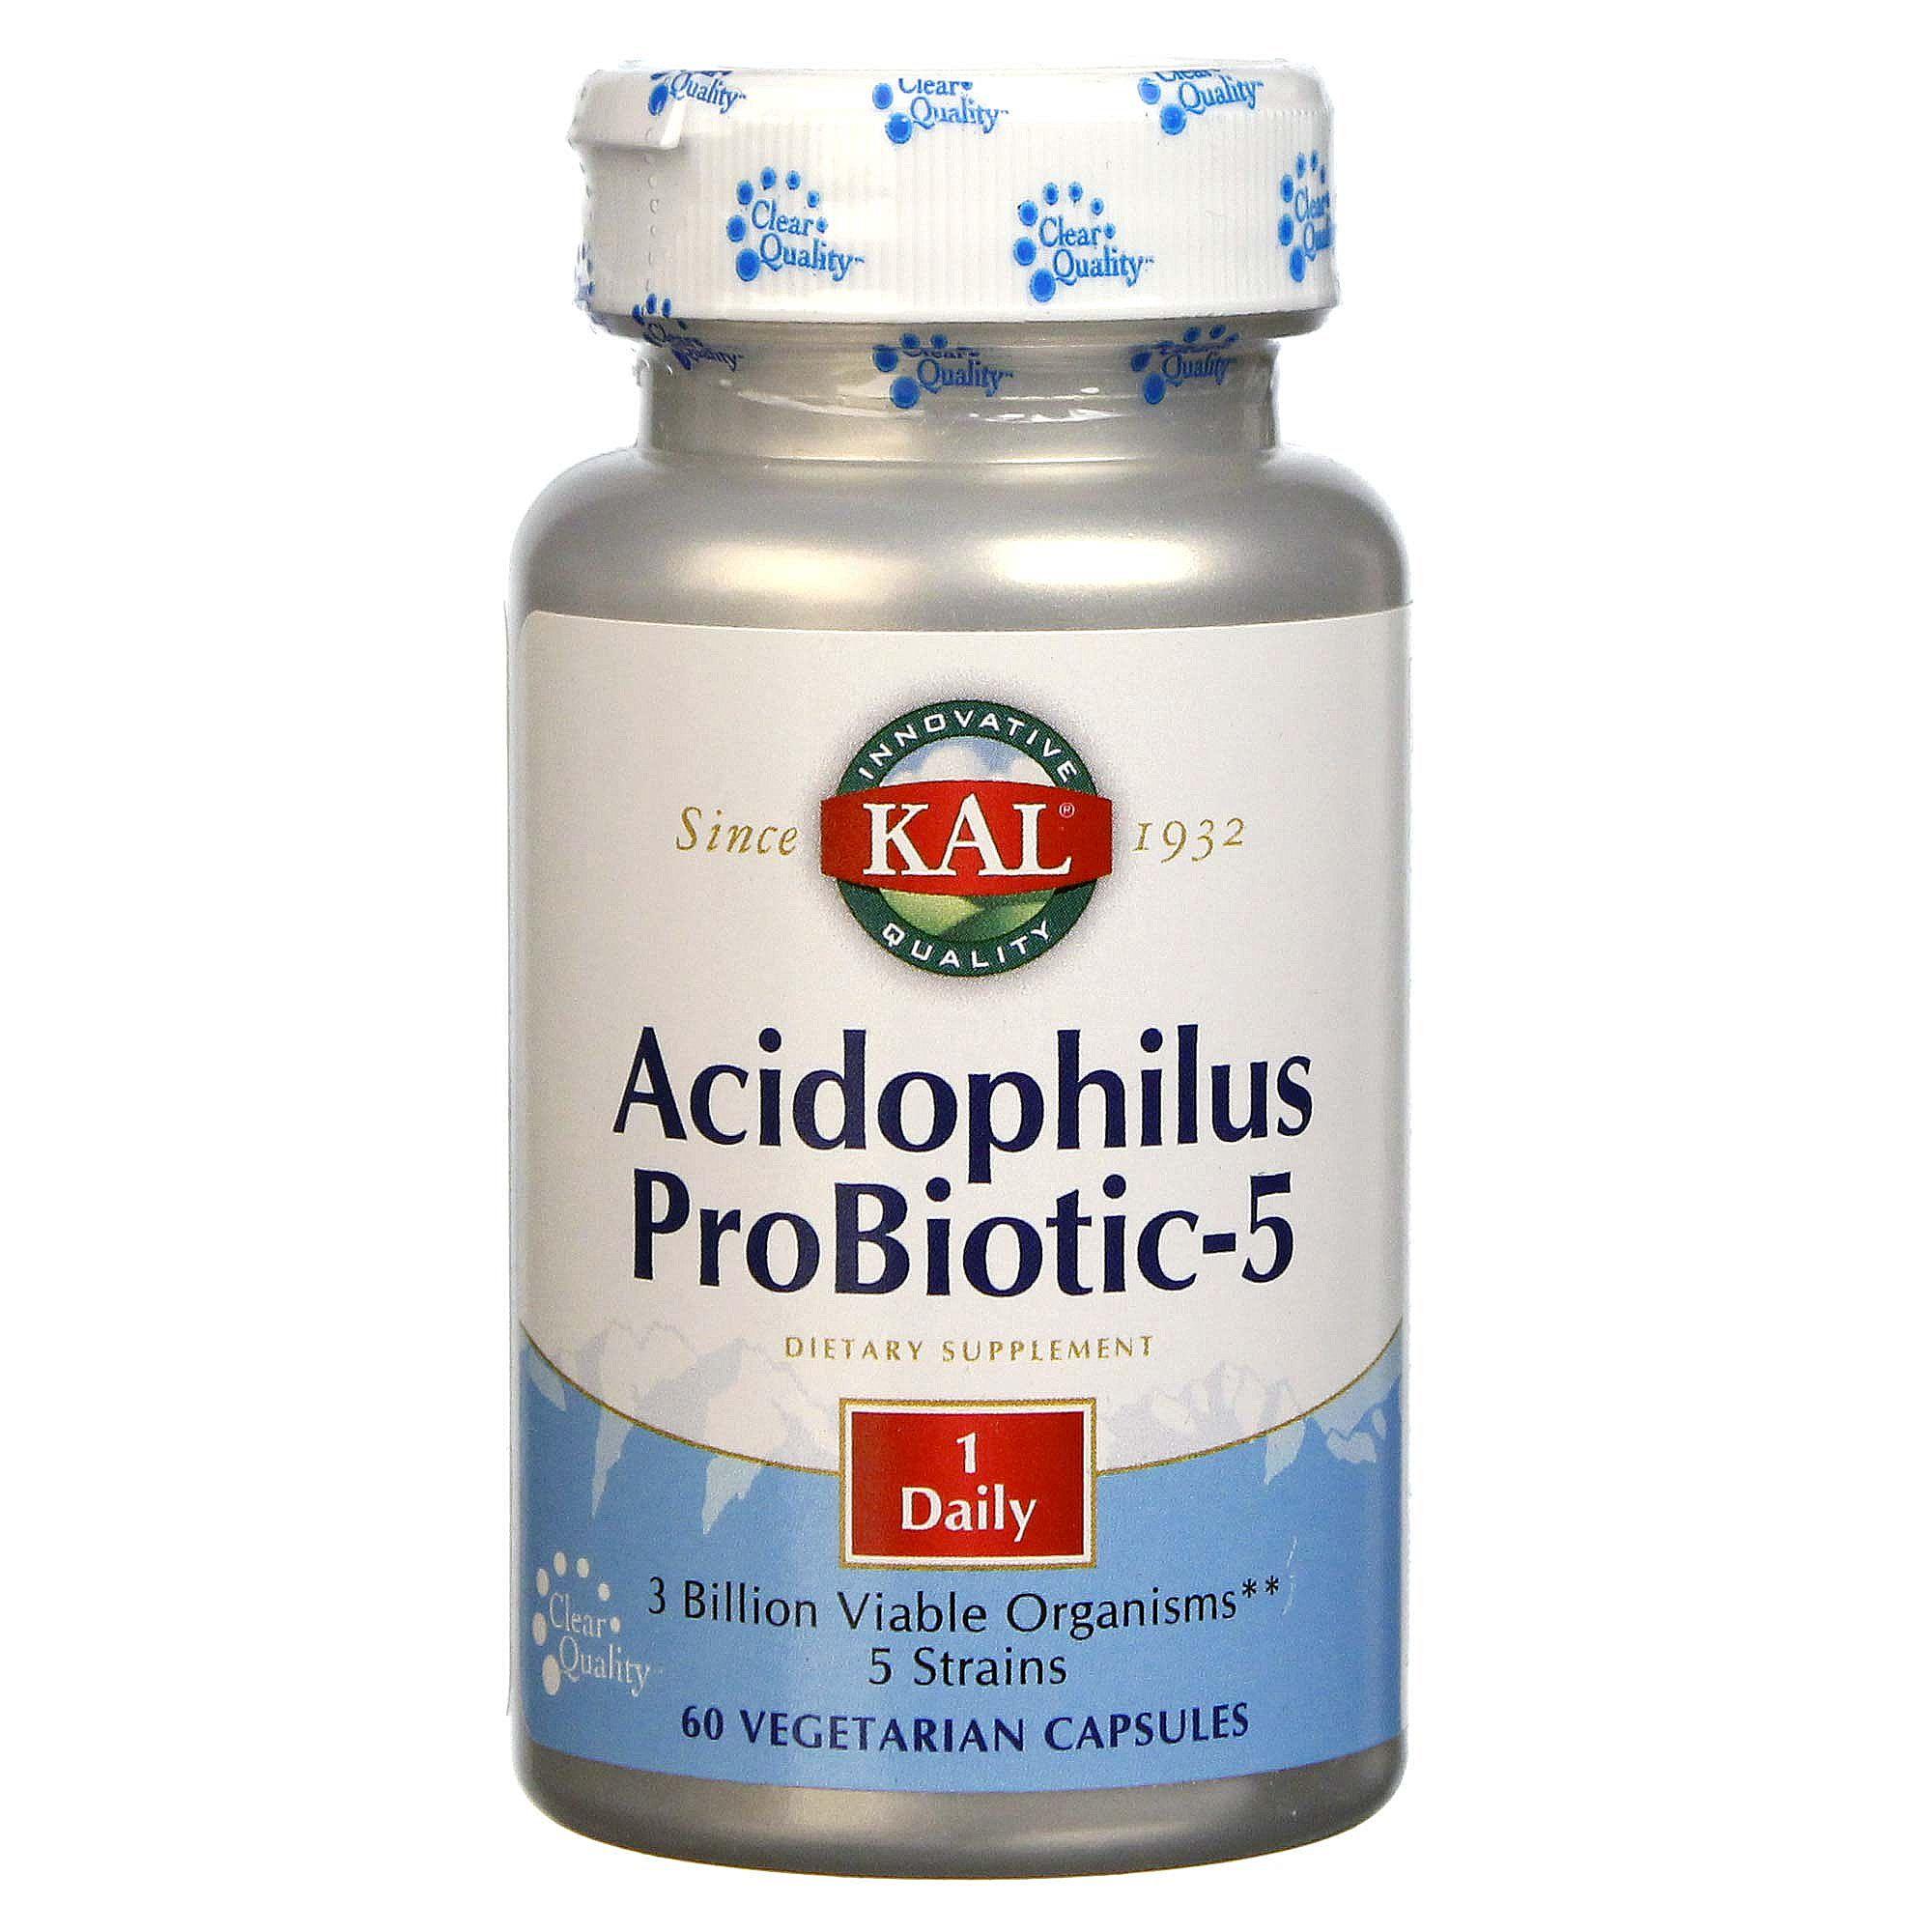 Kal Acidophilus Probiotic 5 60 Capsules